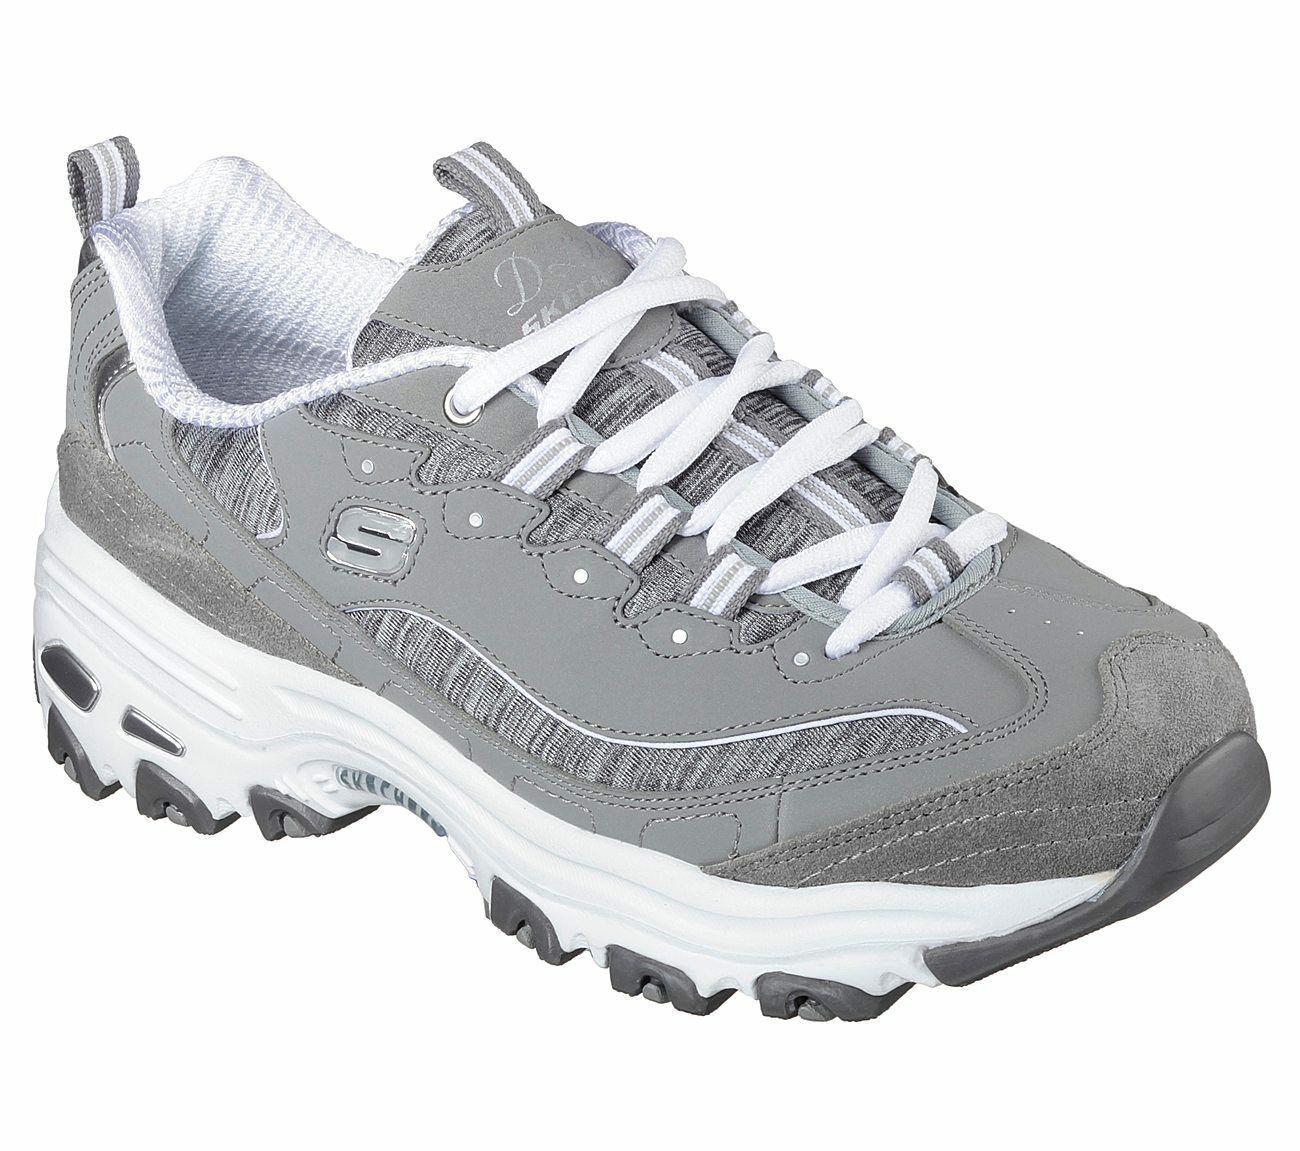 Skechers EW Wide Fit Gray Dlites shoe Women Sport Memory Foam Soft Sneaker 11936 - $49.79